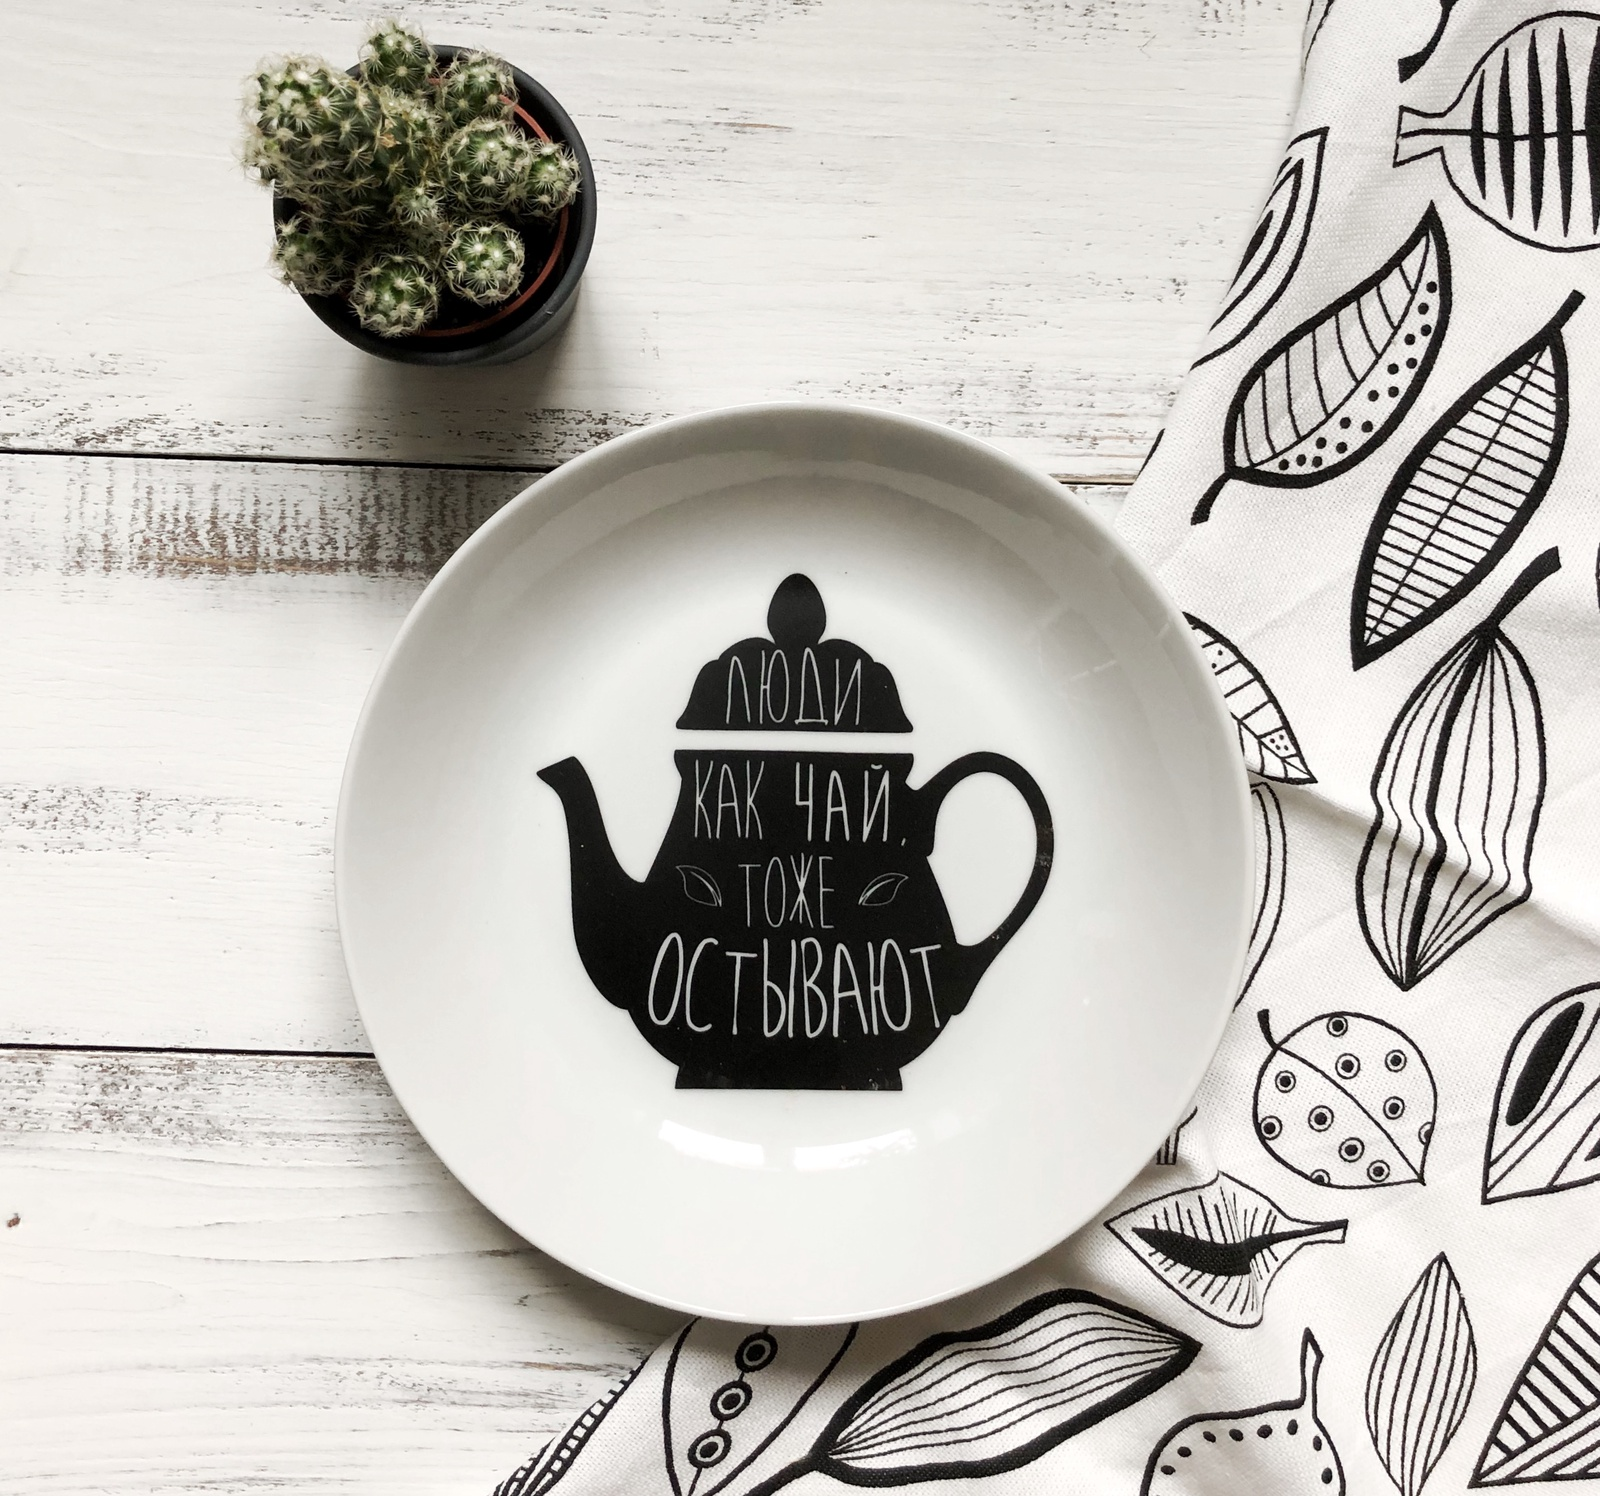 Тарелка глубокая Сотвори Чудо Люди как чай Sans Brides 20 см, белый тарелка мелкая сотвори чудо цветочный мишка диаметр 20 см